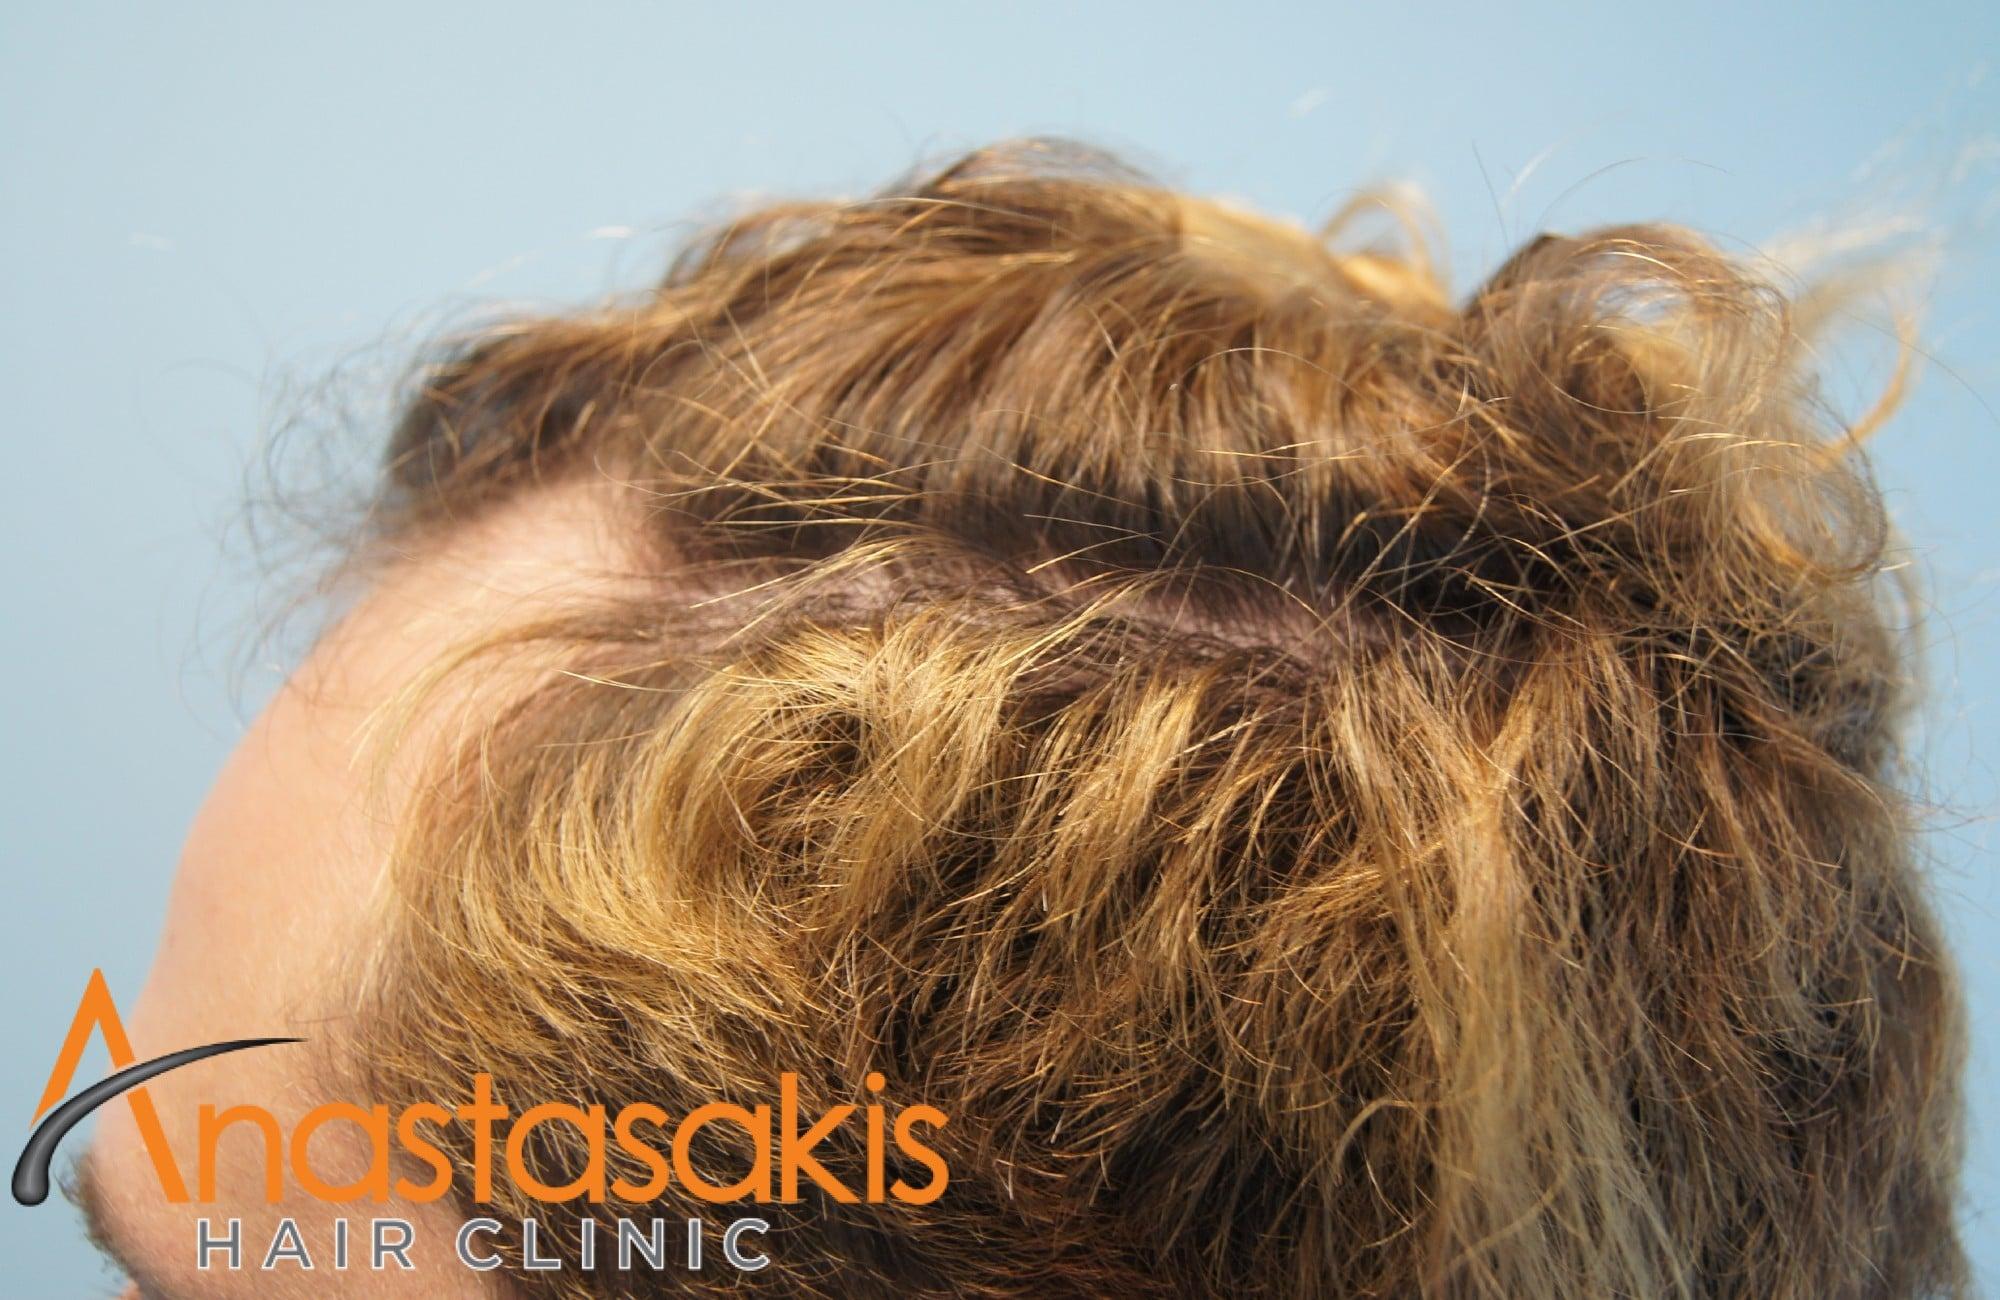 αριστερο προφιλ ασθενούς πριν τη μεταμόσχευση μαλλιων με 2200 Fus